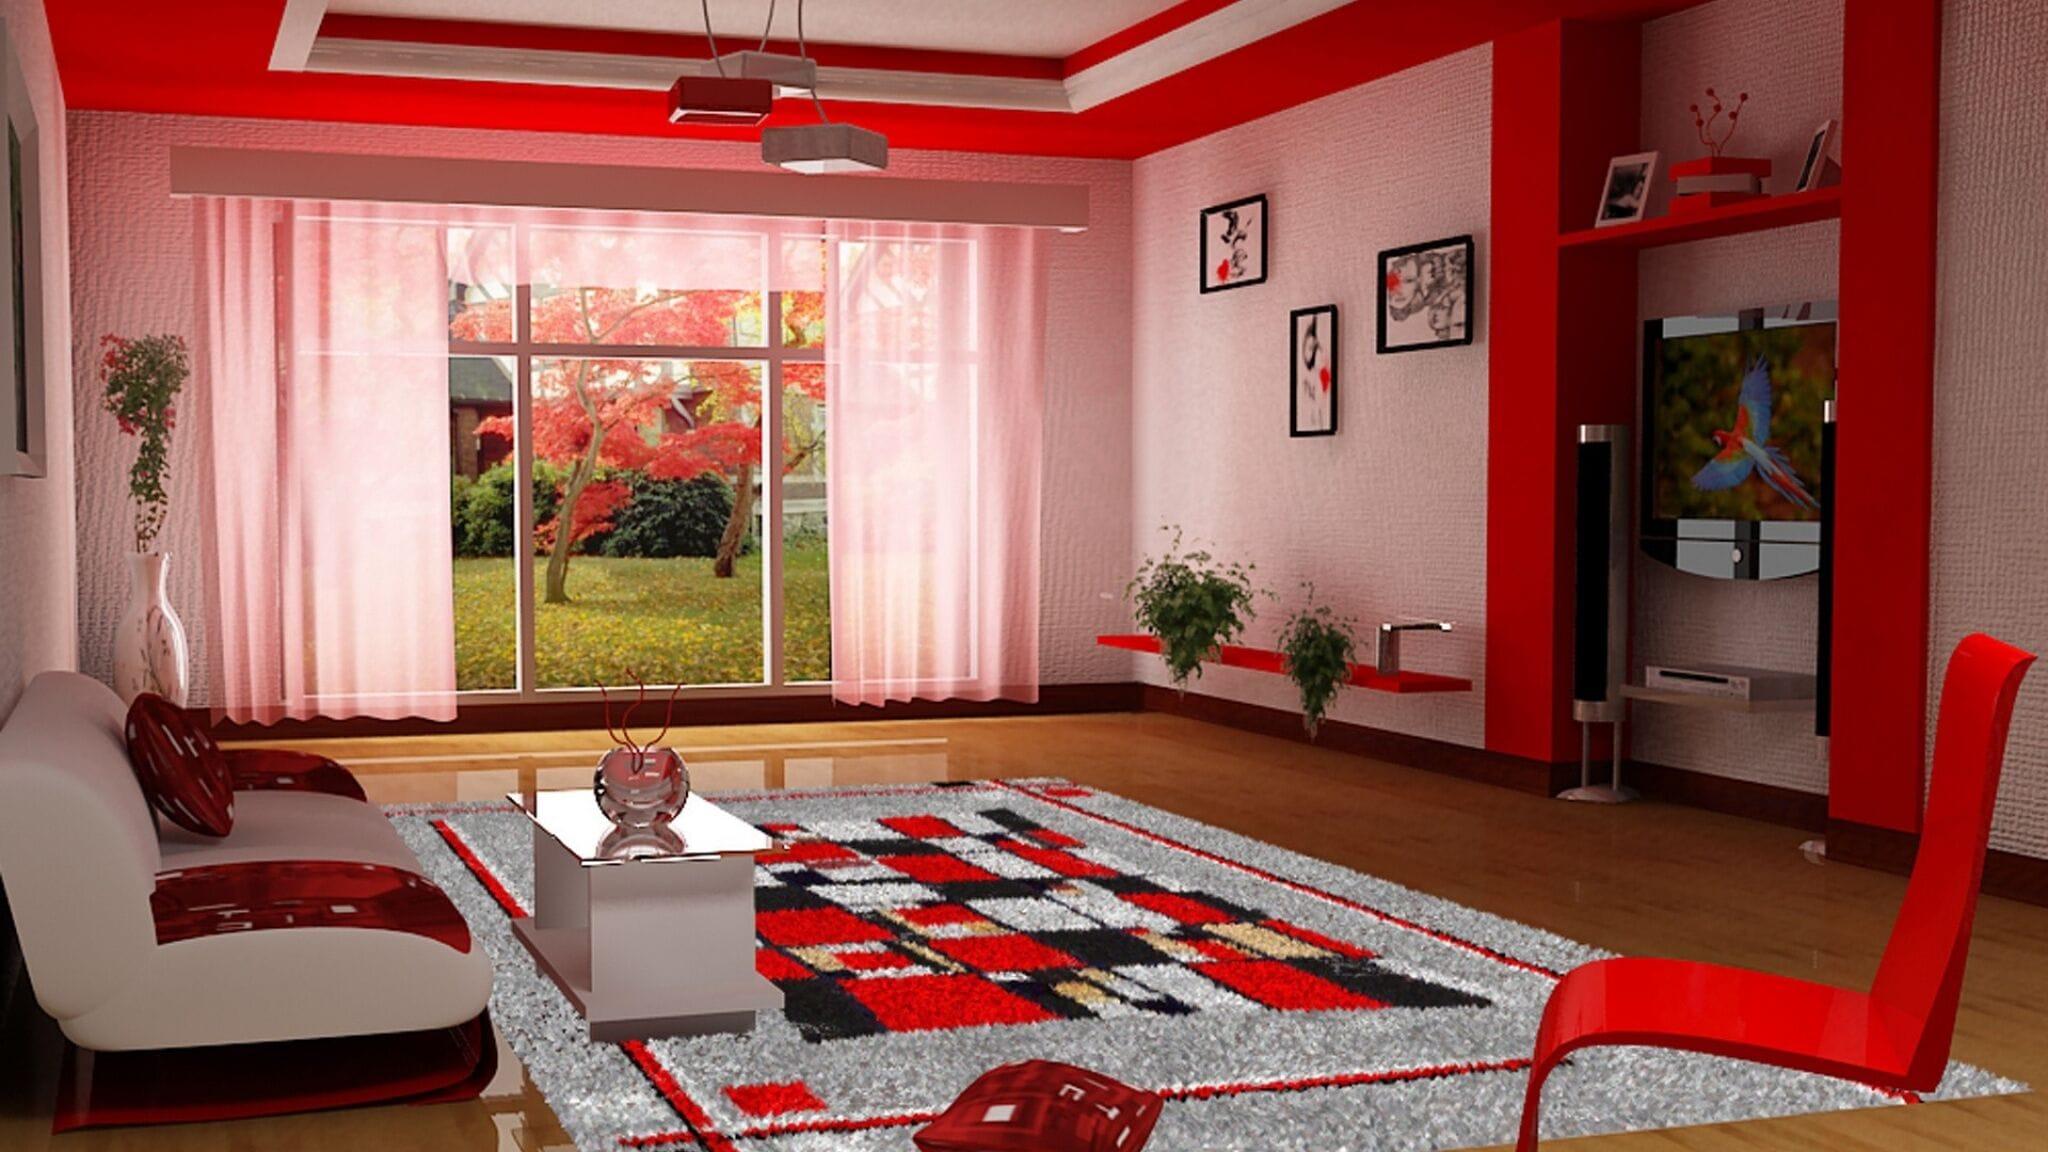 Цветные ковры в интерьере — ковры с графическим рисунком, цветами, яркими полосами